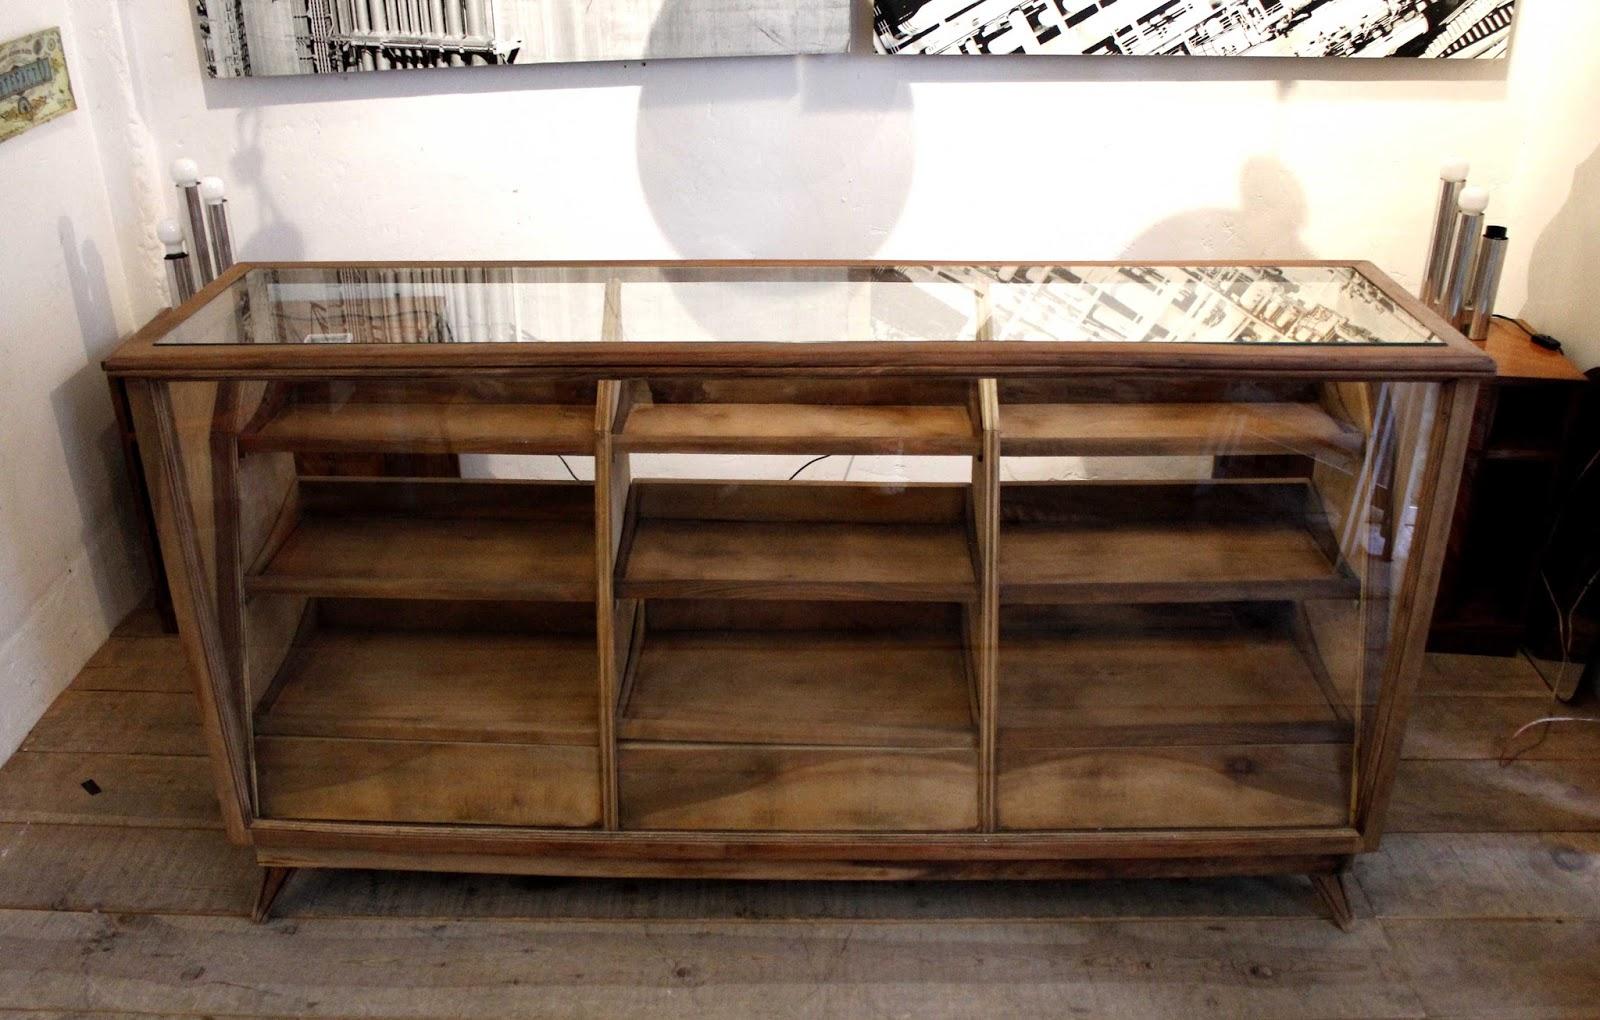 Vintage 4p tu tienda de muebles vintage en madrid muebles vintage en el centro de madrid y - Muebles para restaurar madrid ...